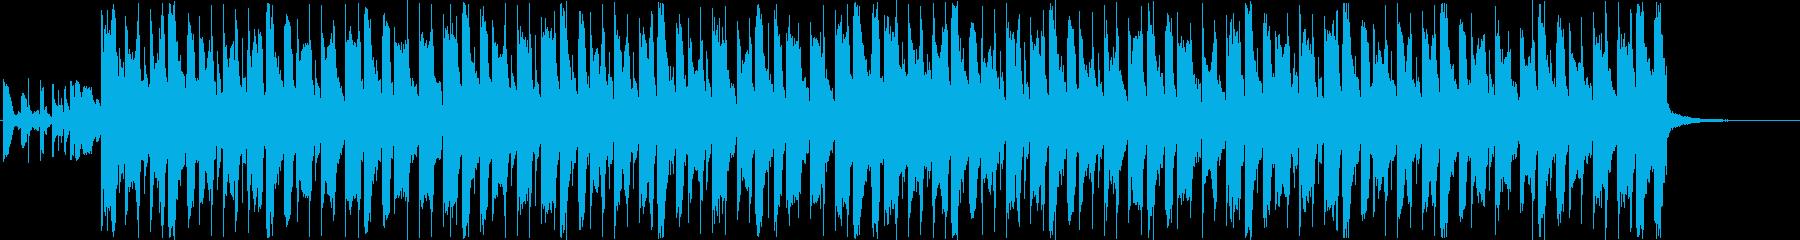 エンディング・かわいい・楽しい Dのみの再生済みの波形